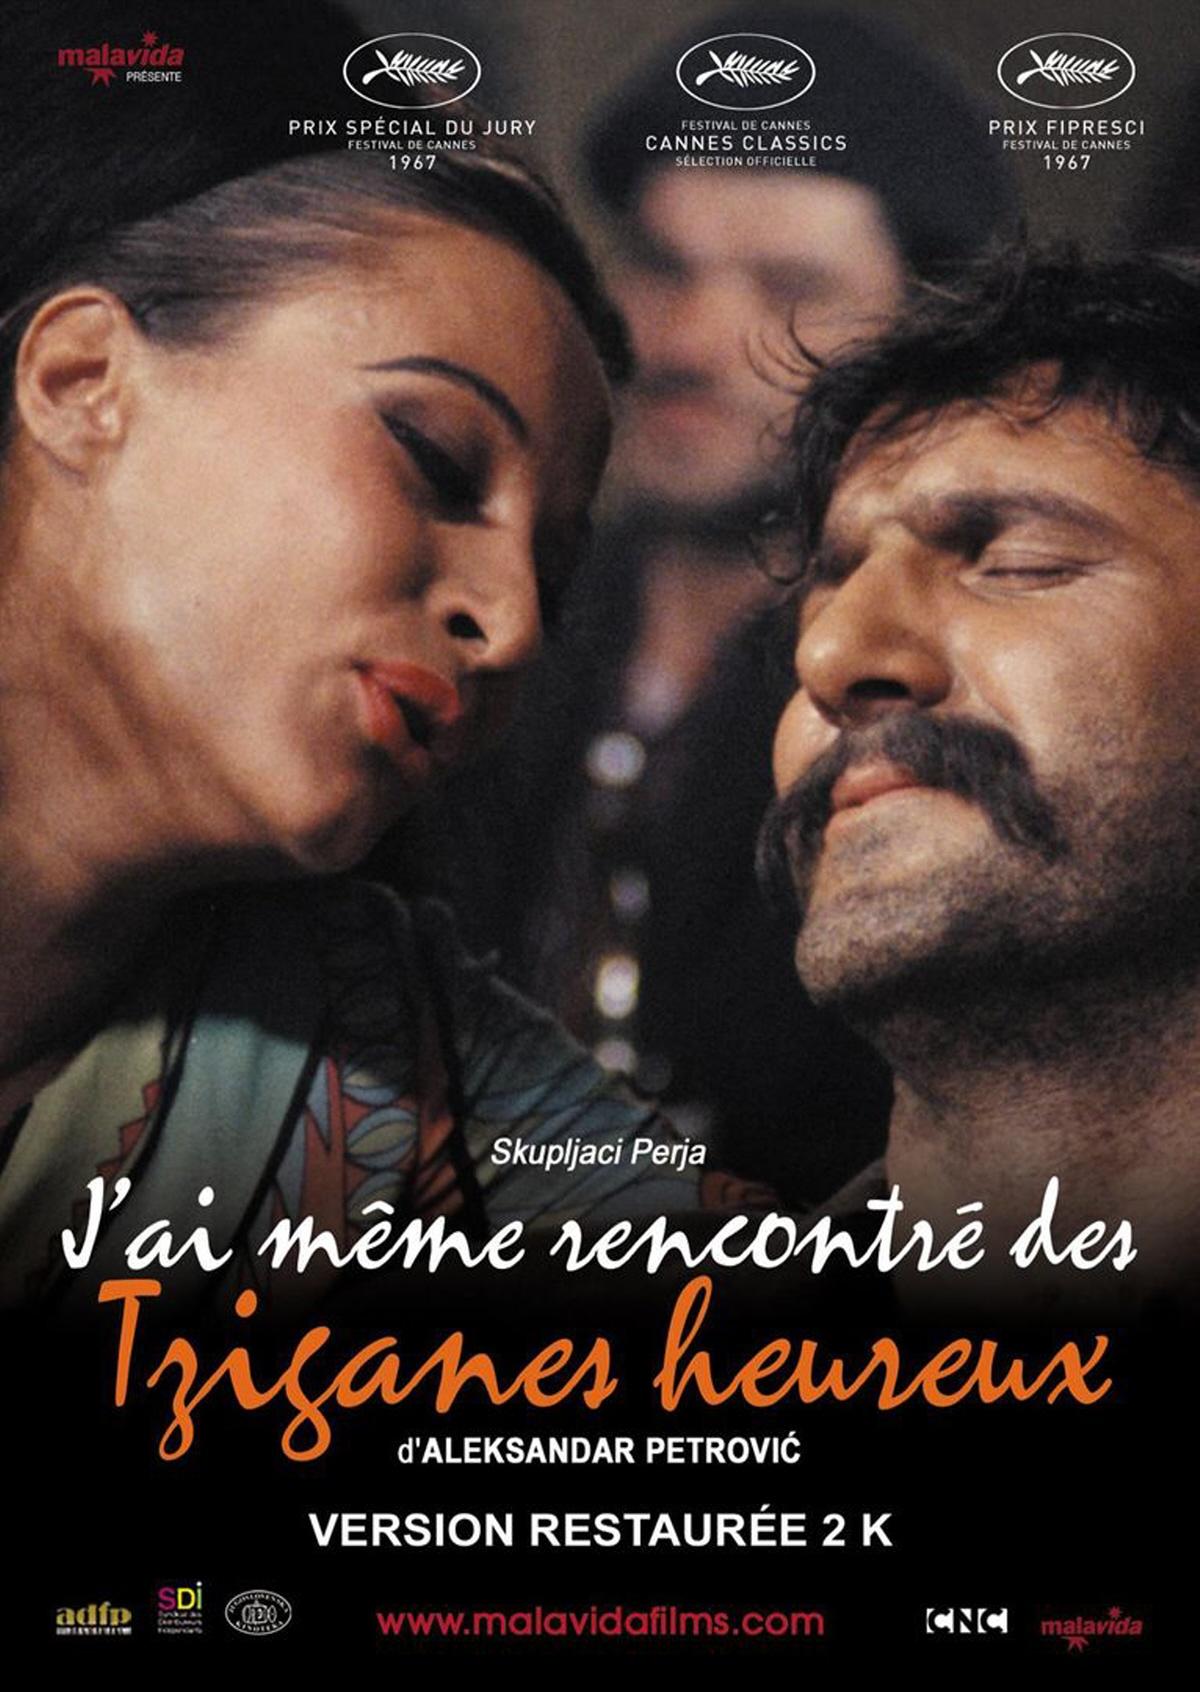 illustration-j-ai-meme-rencontre-des-tziganes-heureux_1-1520863205 Aktori Bekim Fehmiu, prapë një cigan në Francë